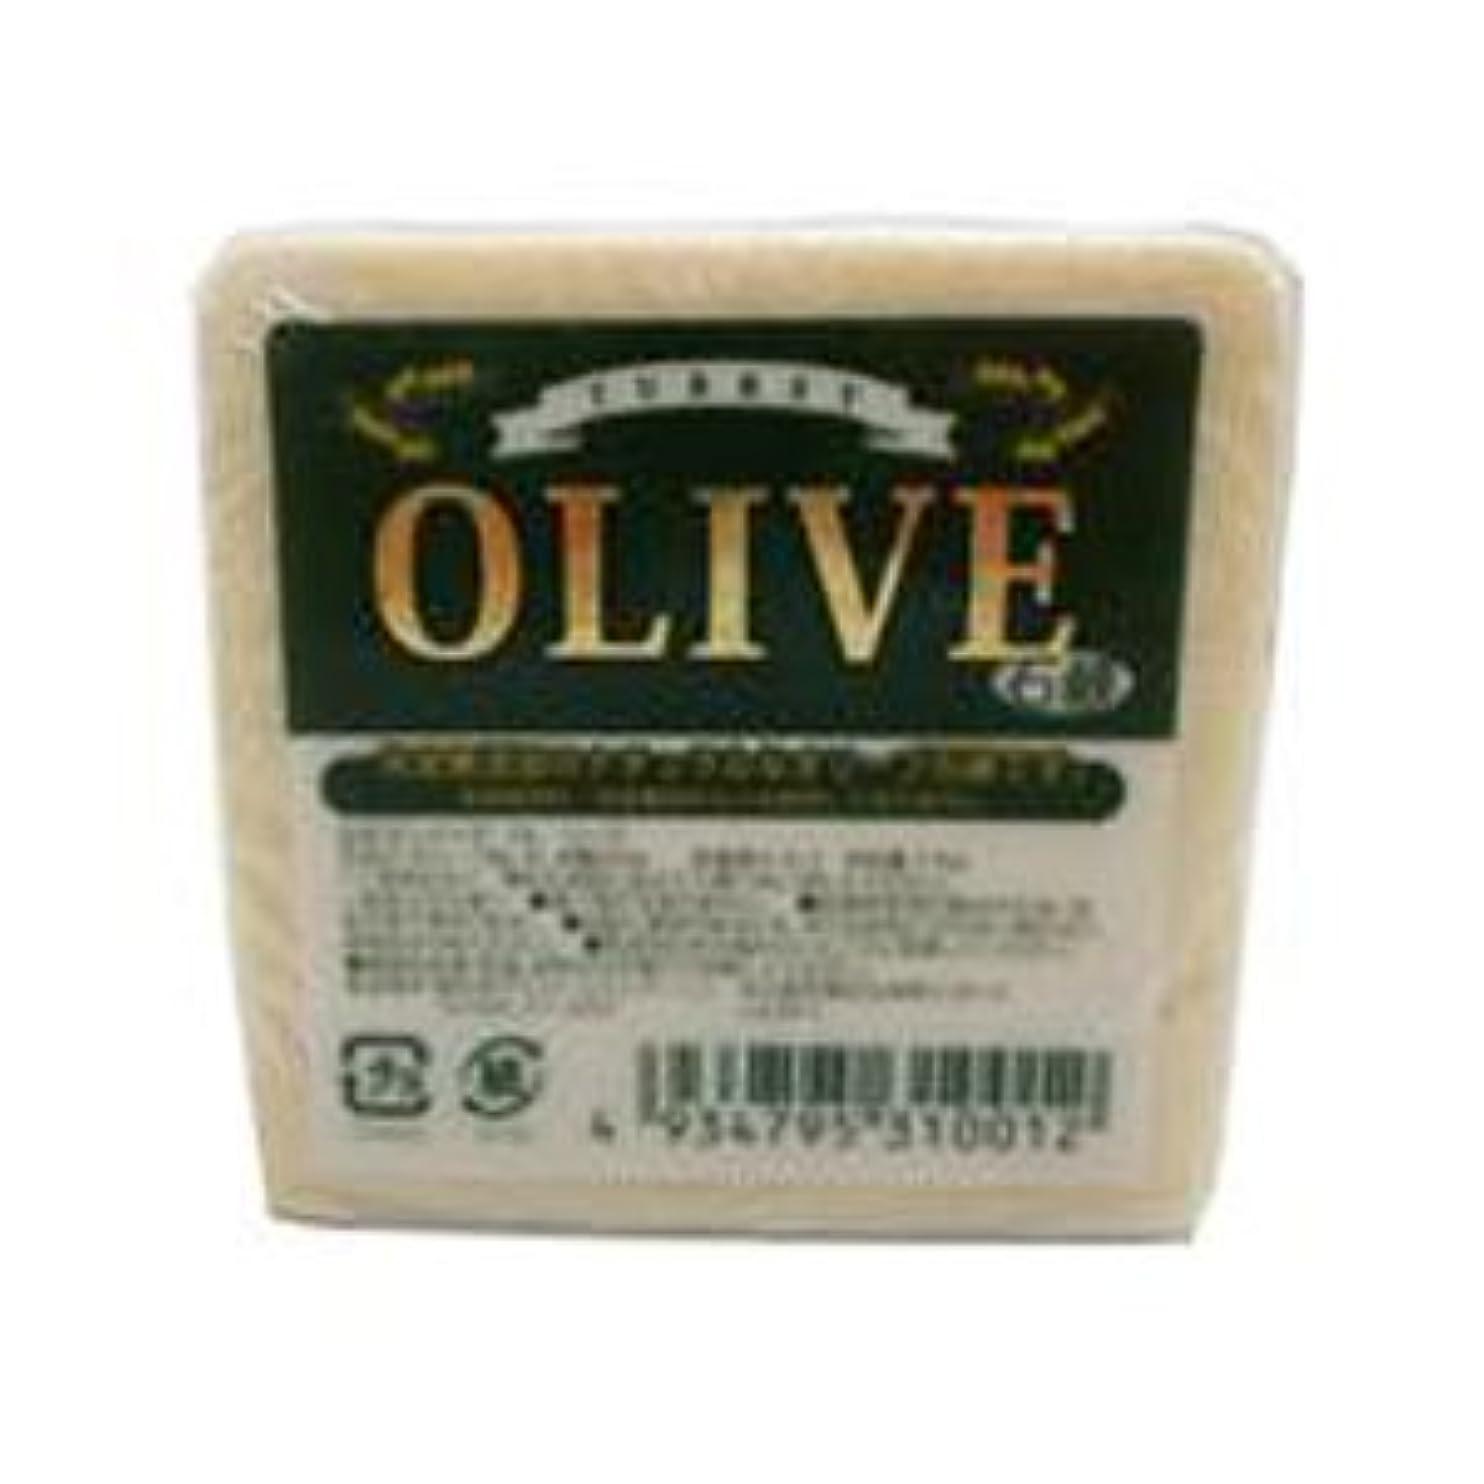 接辞憂鬱誠実お得な10個セット トルコ産オリーブを使用した無添加石鹸 ターキーオリーブ石鹸 135g